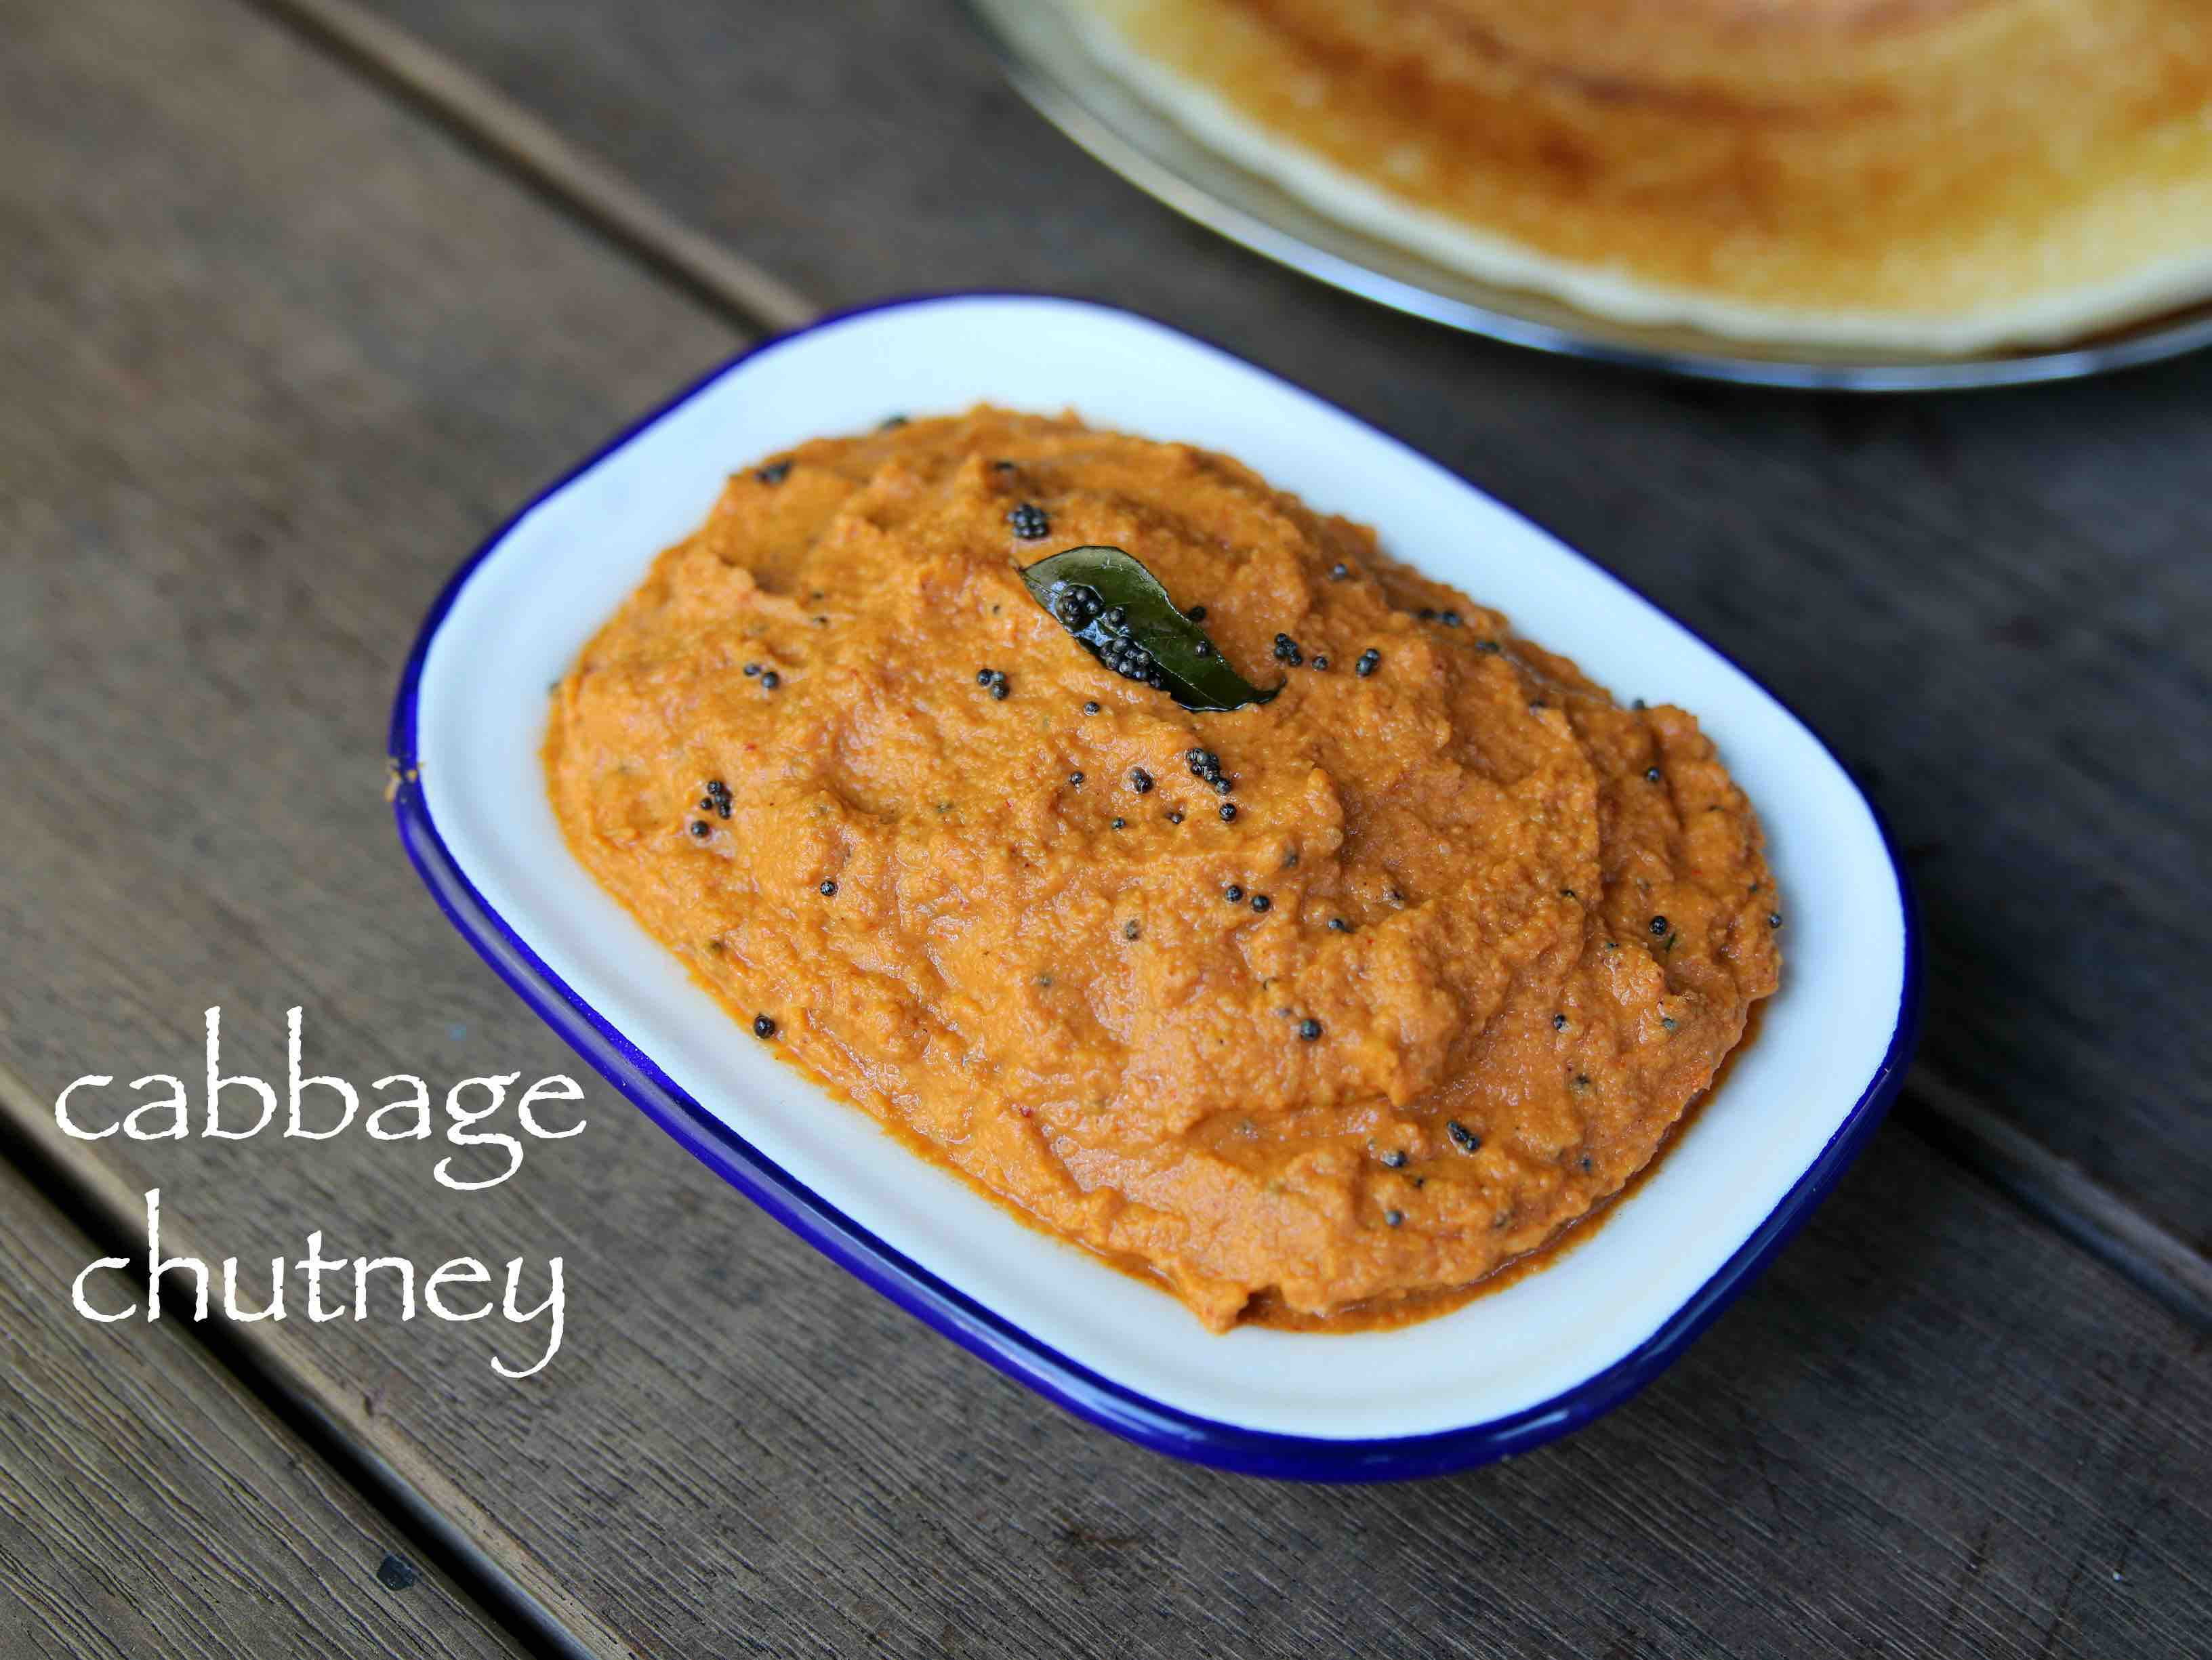 cabbage chutney recipe | cabbage pachadi recipe ...